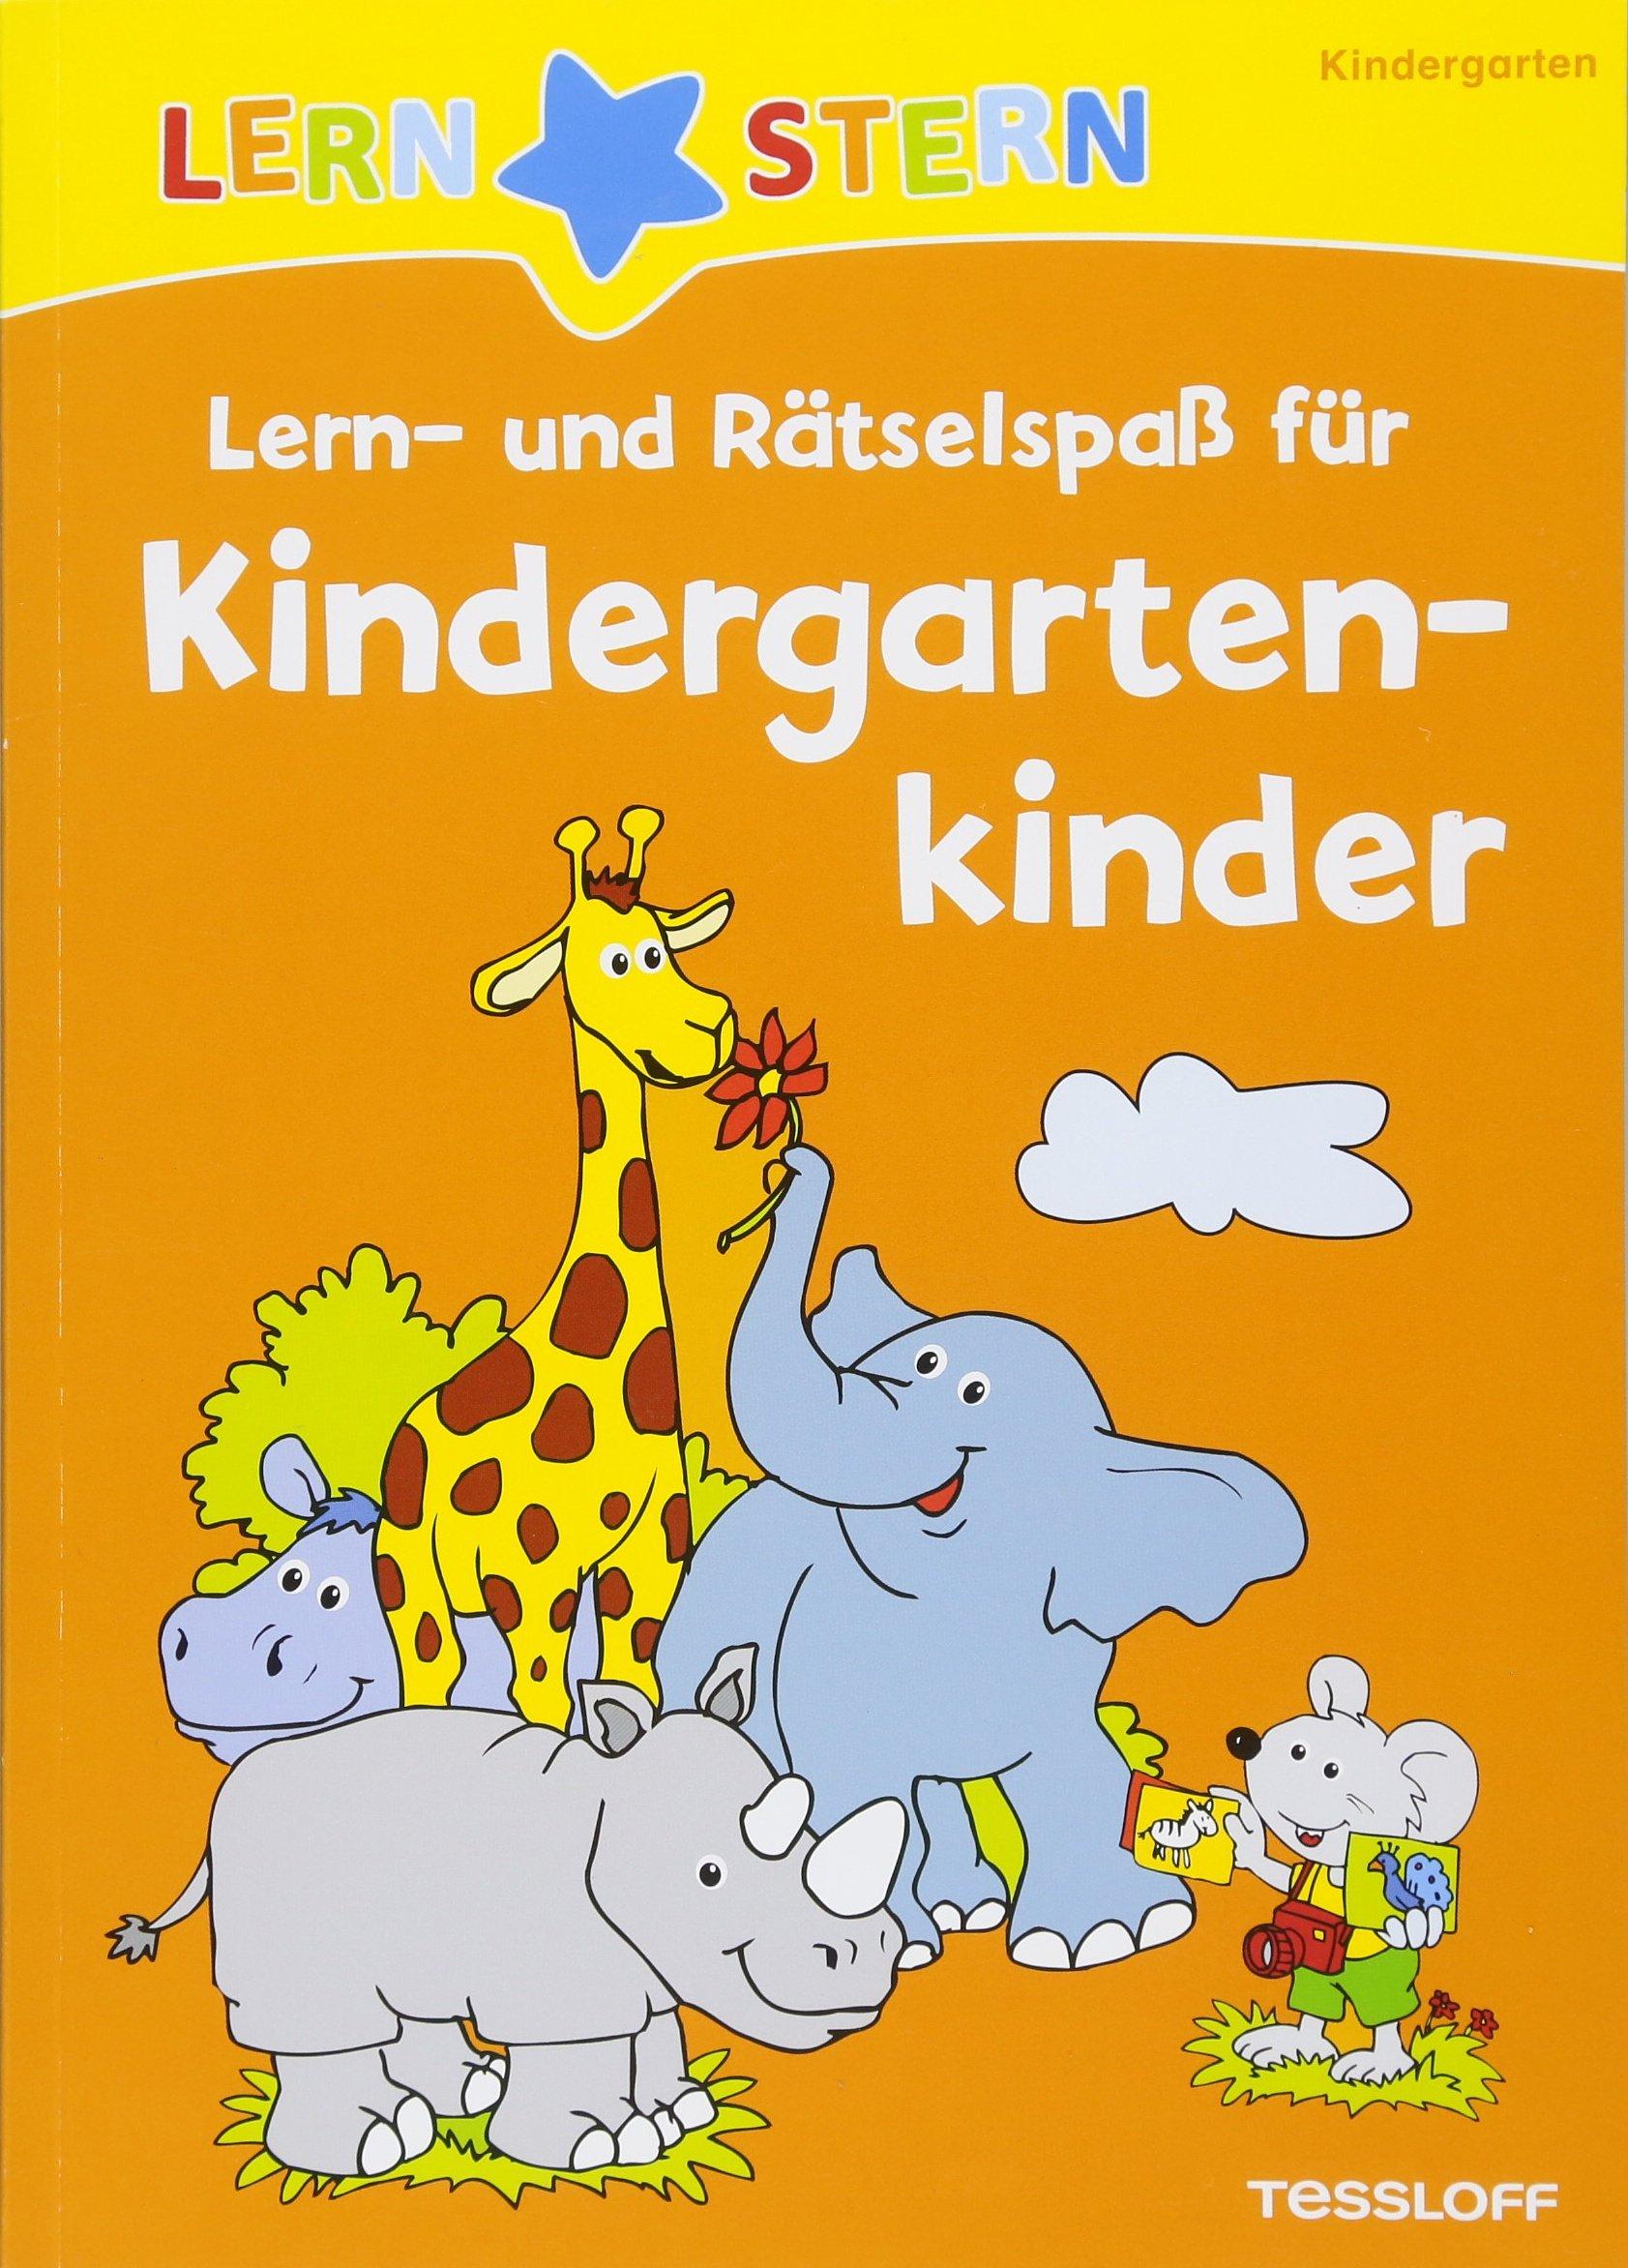 Lern- und Rätselspaß für Kindergartenkinder: Rätseln, spielen, lernen! (LERNSTERN) Taschenbuch – 13. Juni 2018 Antje Flad 3788675187 empfohlenes Alter: ab 4 Jahre für die Vorschule